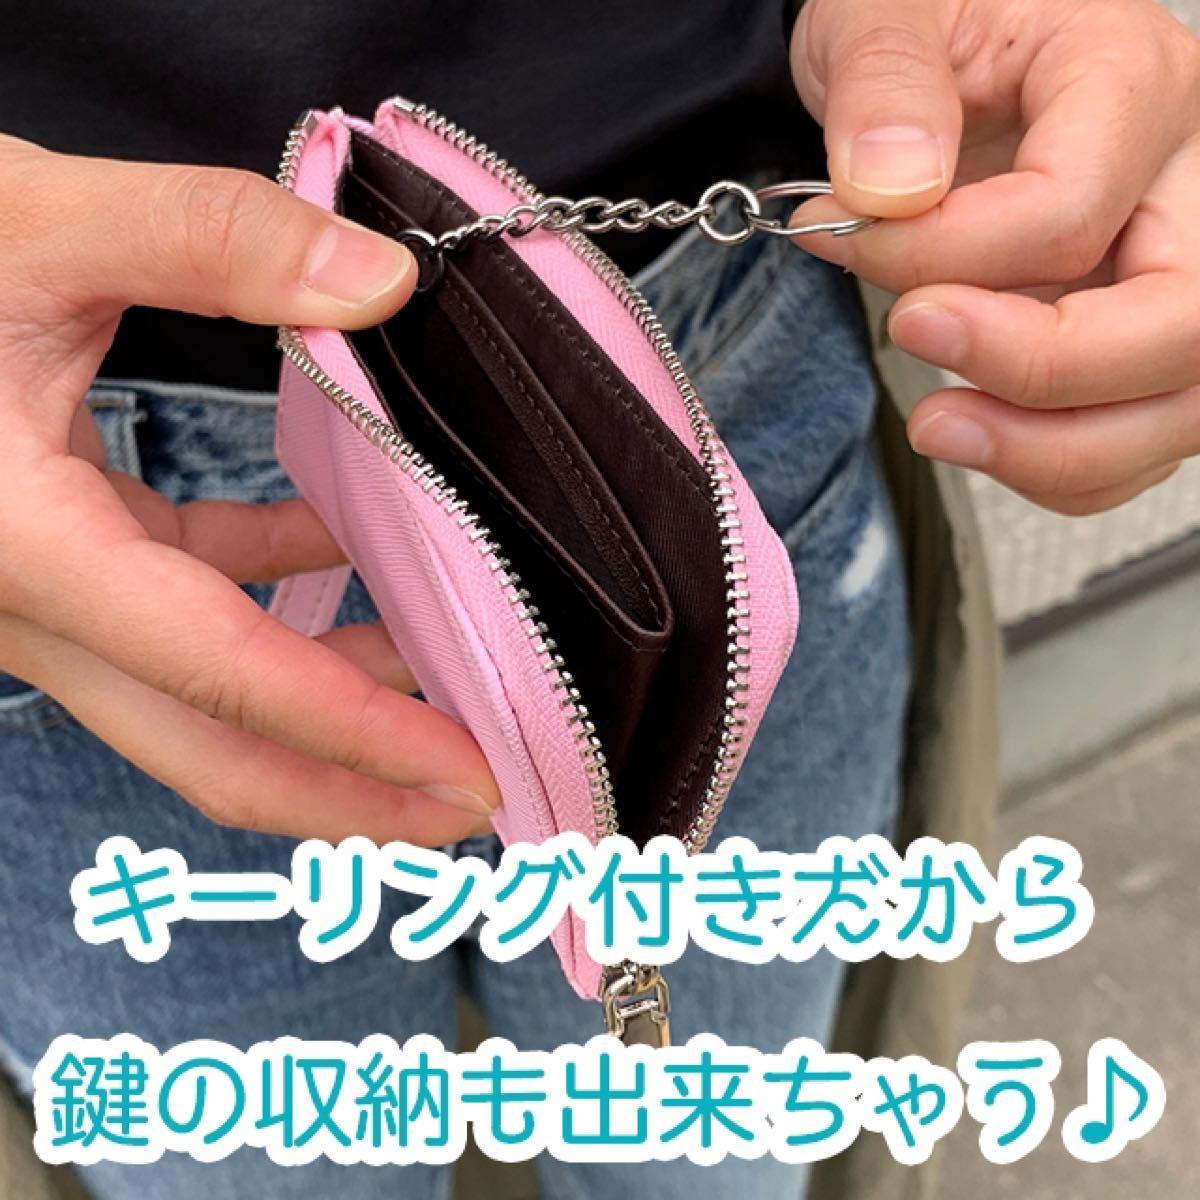 パスケース カードケース 定期入れ 小銭入れ コインケース 財布 レディース